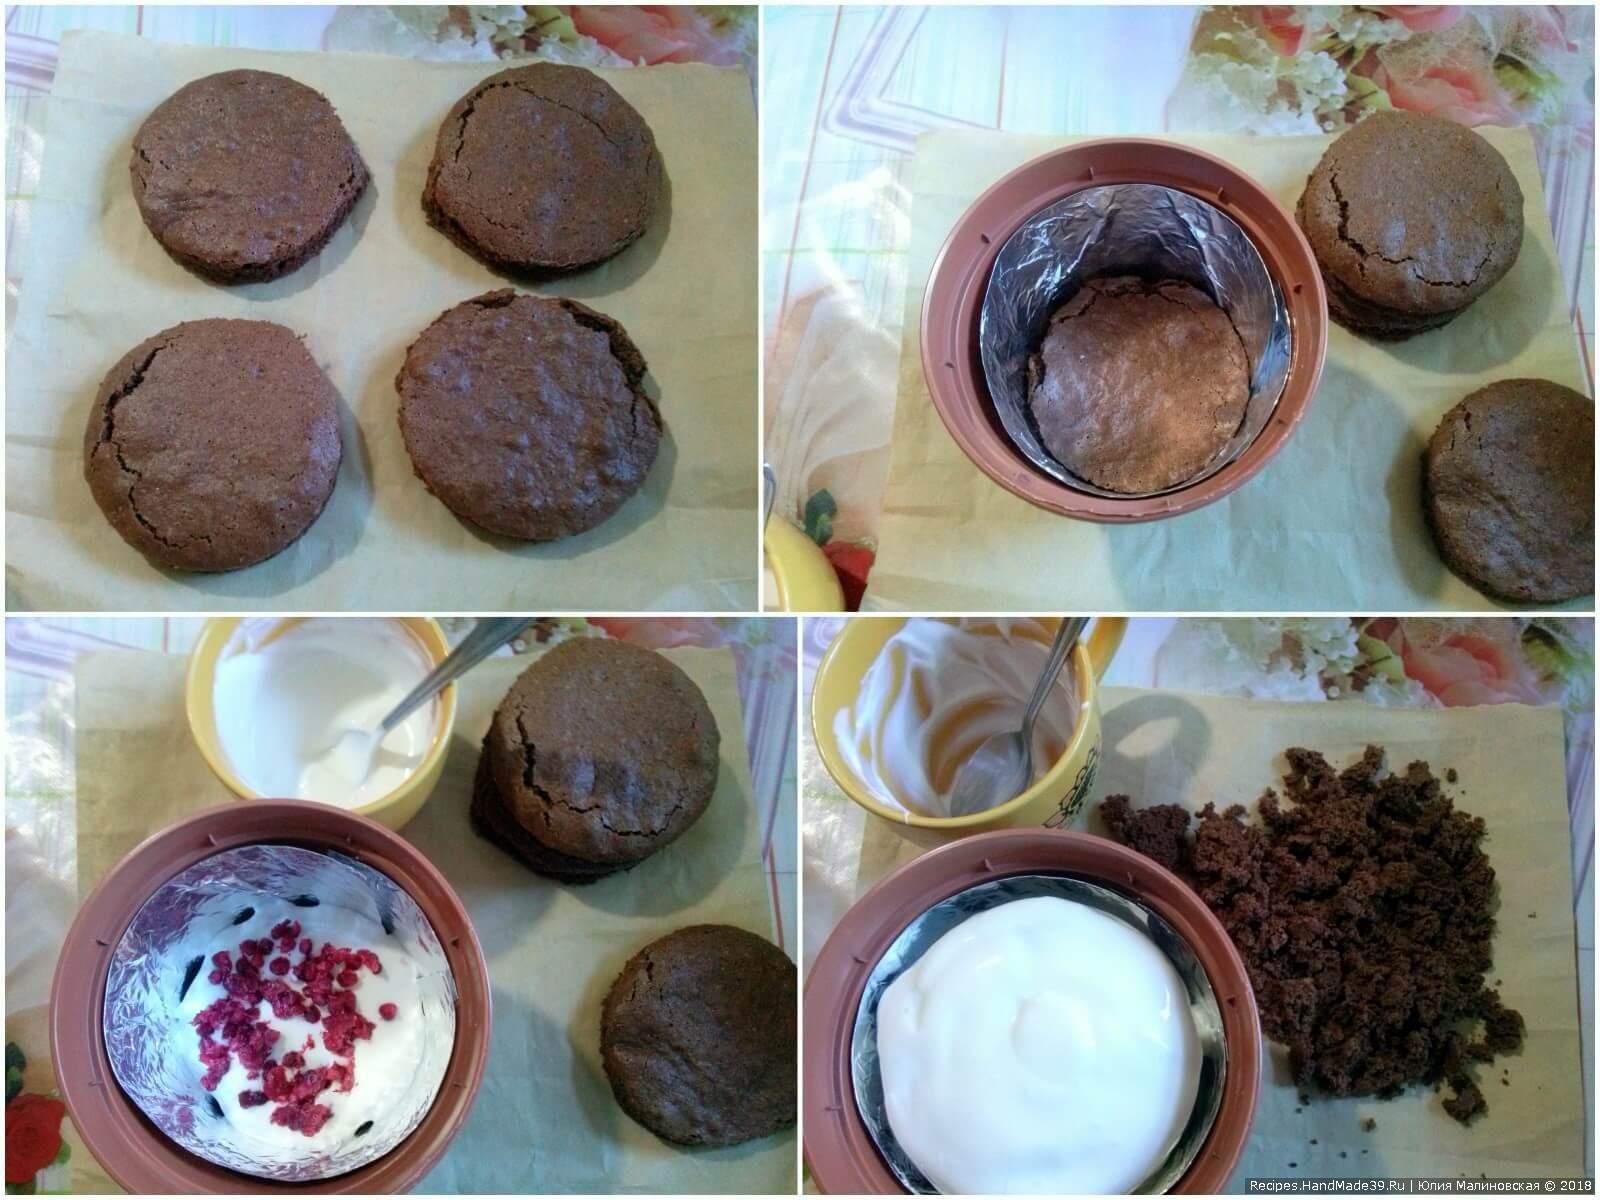 На дно горшка выложить бисквит, сверху – крем и ягоды малины. Повторить. Последний бисквит намазать кремом и посыпать крошкой из остатков бисквита